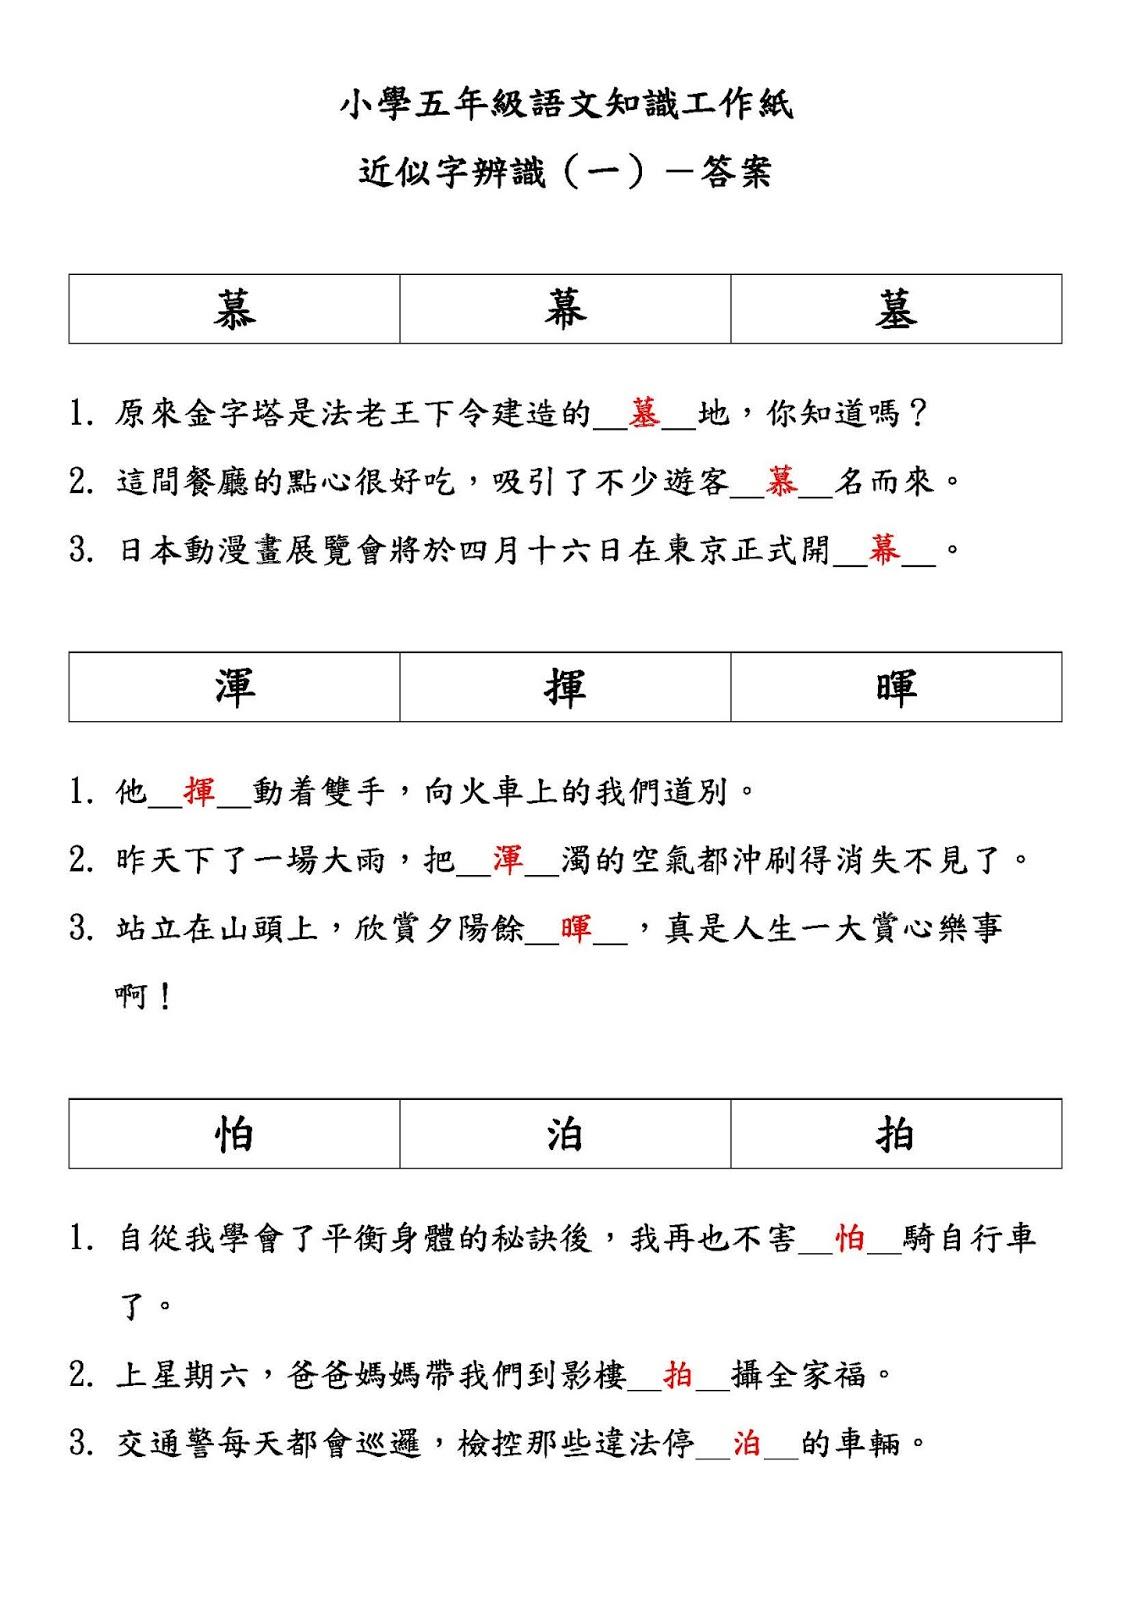 小五語文知識工作紙:近似字辨識(一)|中文工作紙|尤莉姐姐的反轉學堂